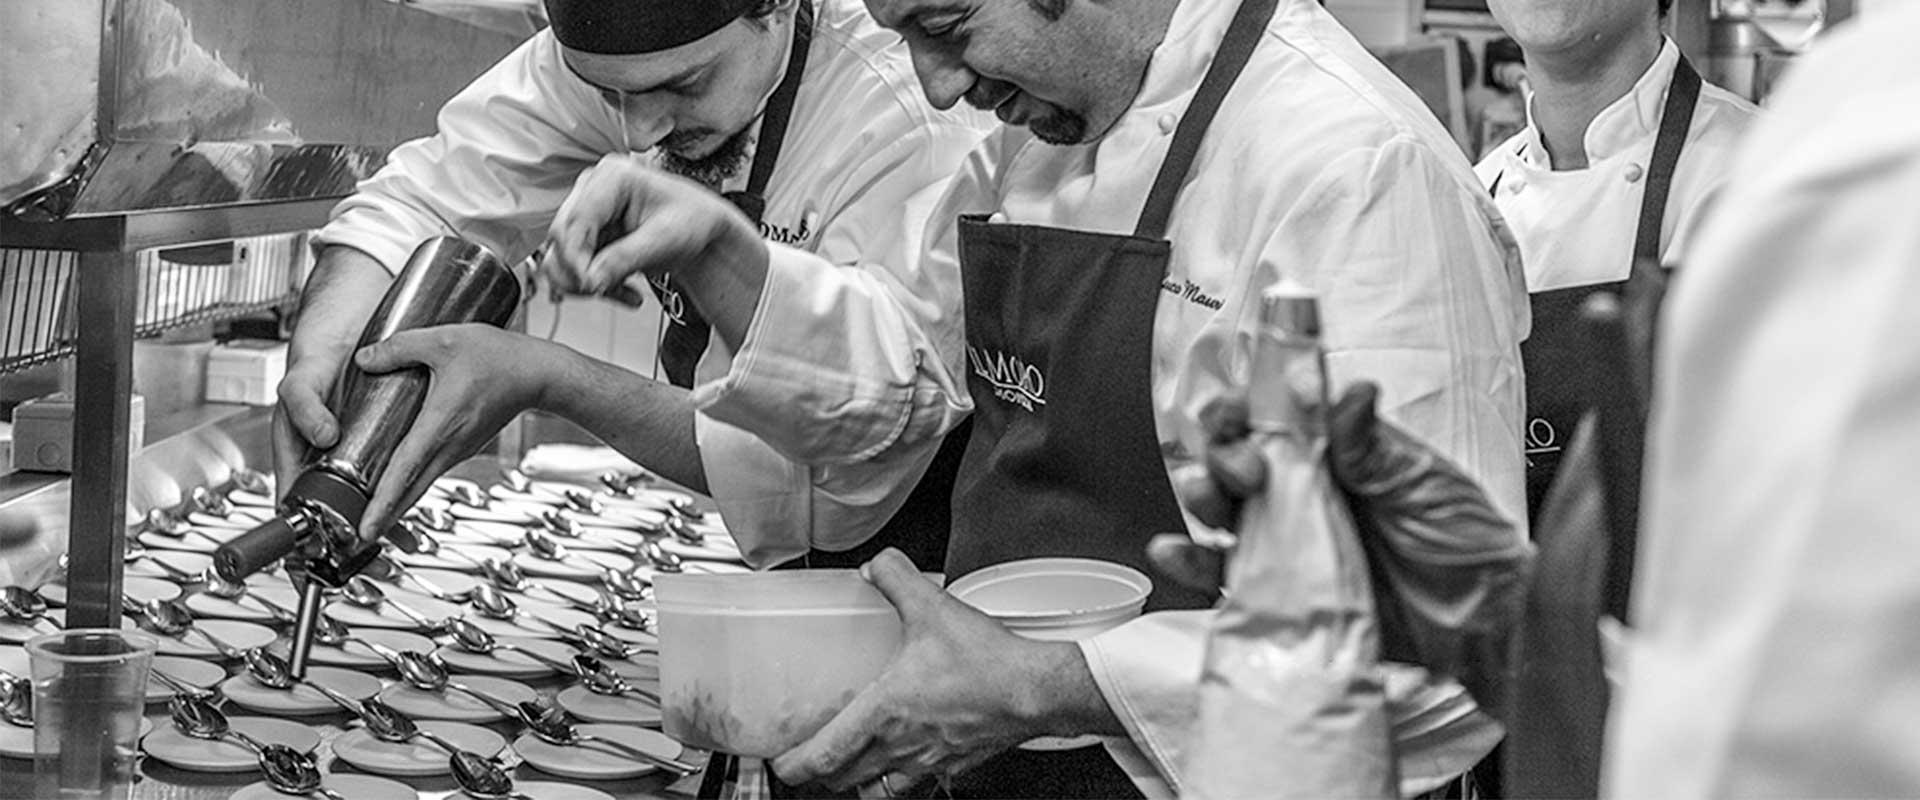 Identità Golose – La cena solidale a Il Moro di Monza per aiutare il progetto PizzAut